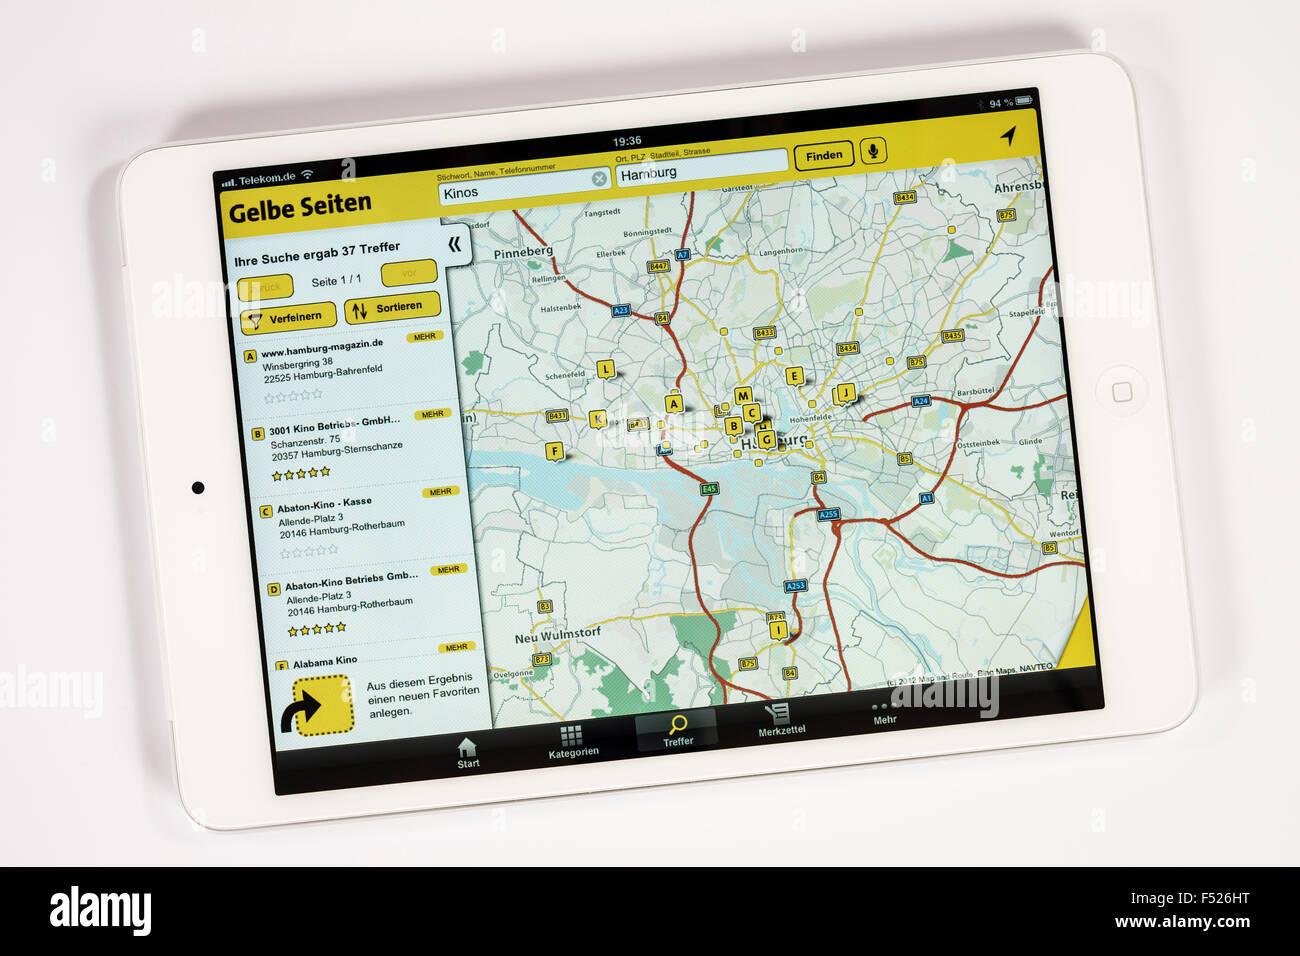 Apple iPad mini, l'affichage, de jaune et d'autre, iPad app, le programme, la fonction multi-touch, Photo Stock